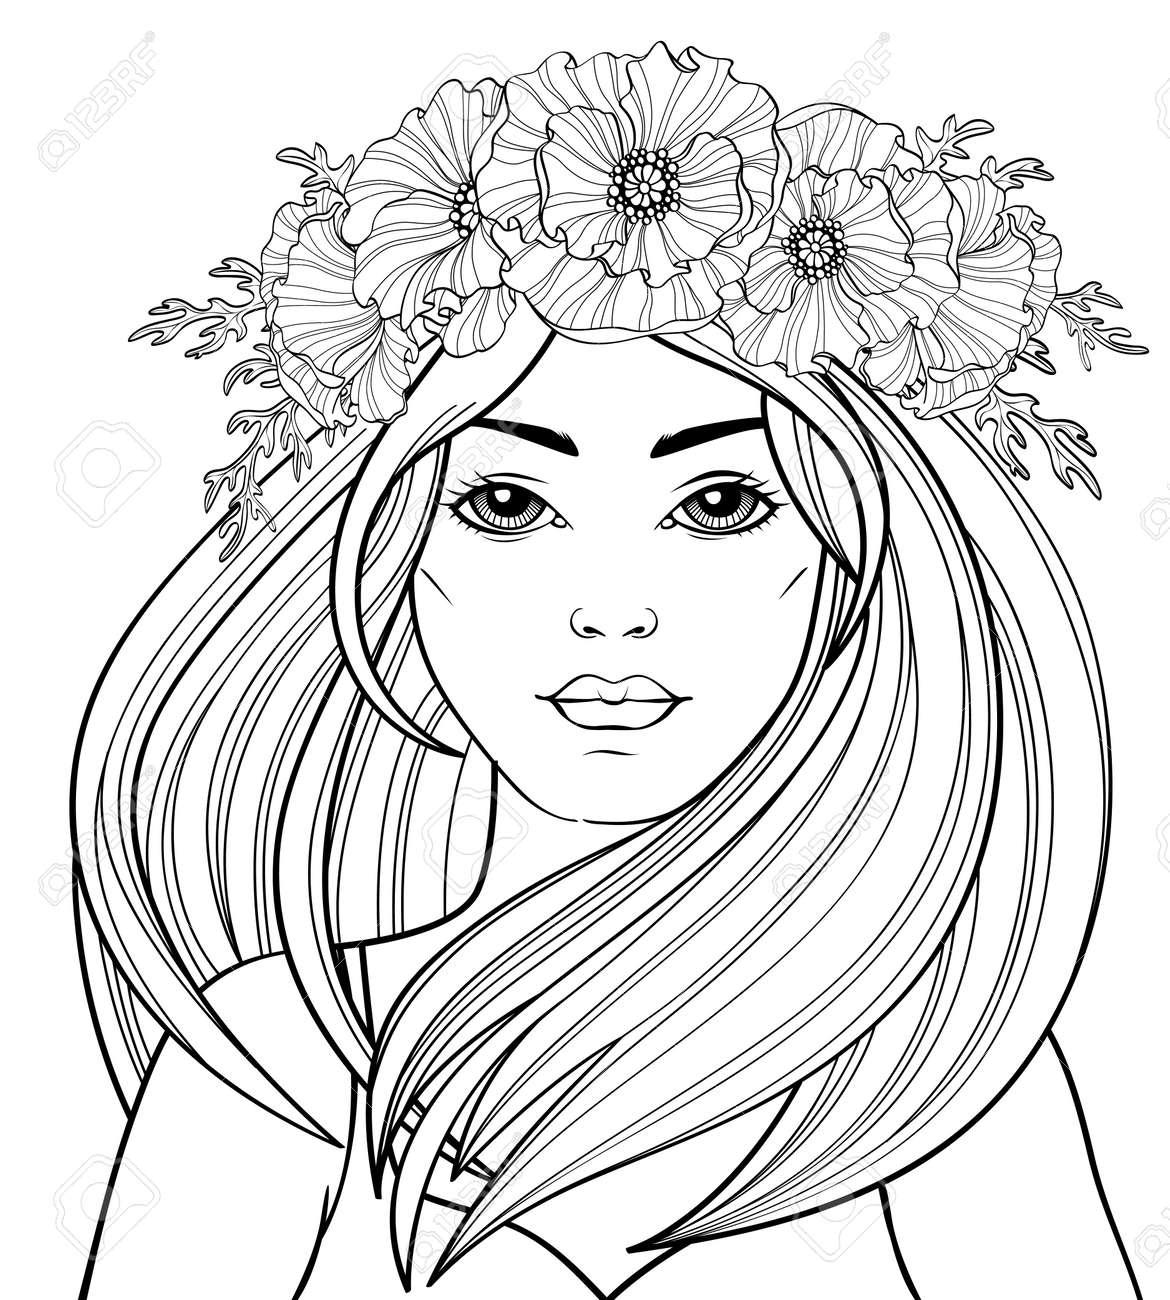 Coloriage Fille Cheveux Longs.Belle Jeune Fille Aux Cheveux Longs En Jupe De Henne Tatouage Ou Adulte Antistress Adulte Doodle Et Blanc A La Main Antistress Vintage Pour Livre De